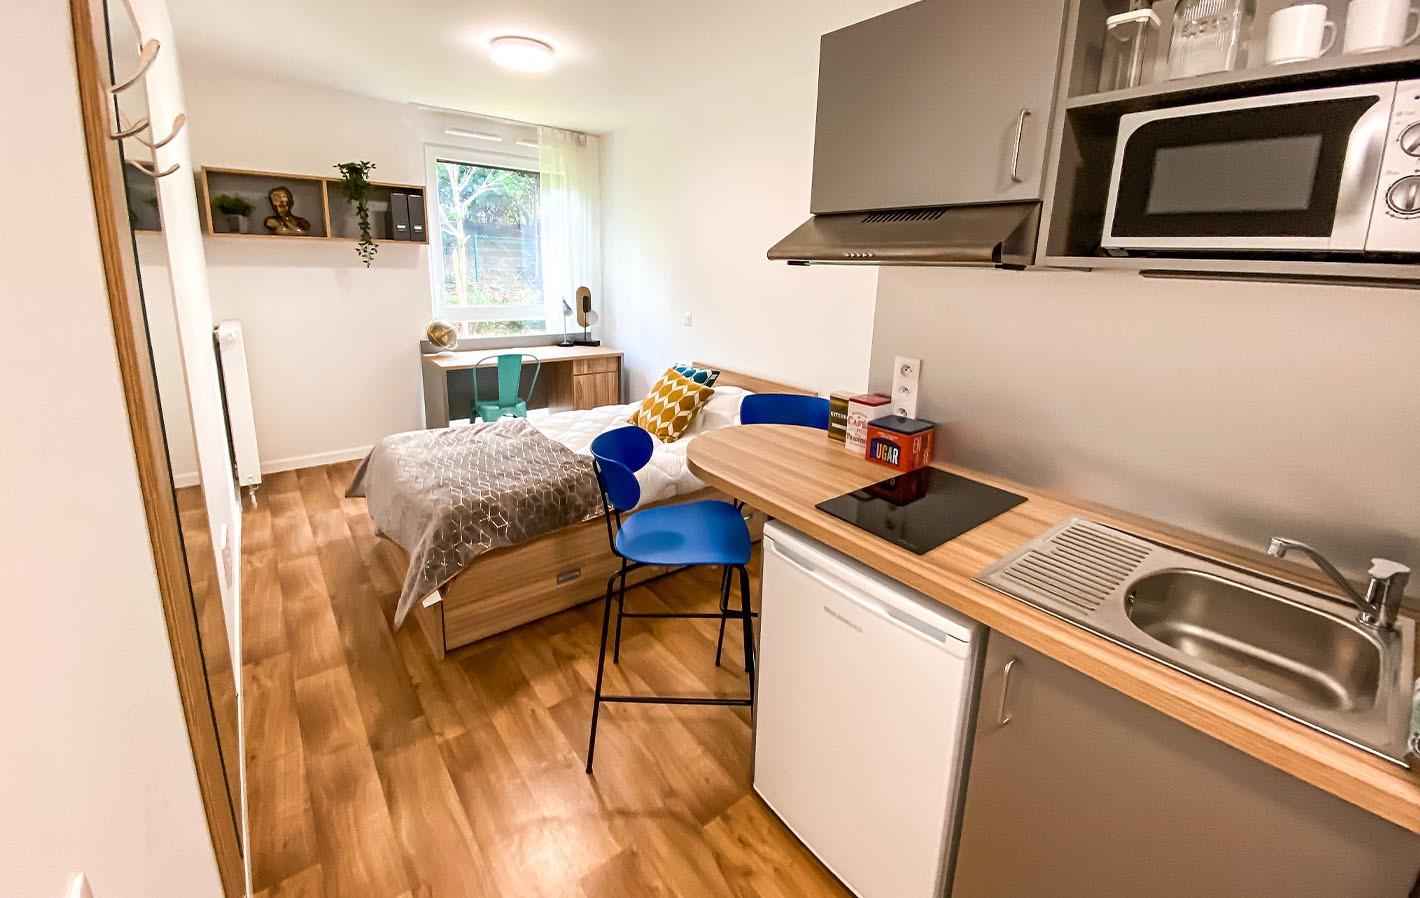 image  2021 03 08 residence etudiante suitetudes streamline boulogne billancourt studio cuisine 1